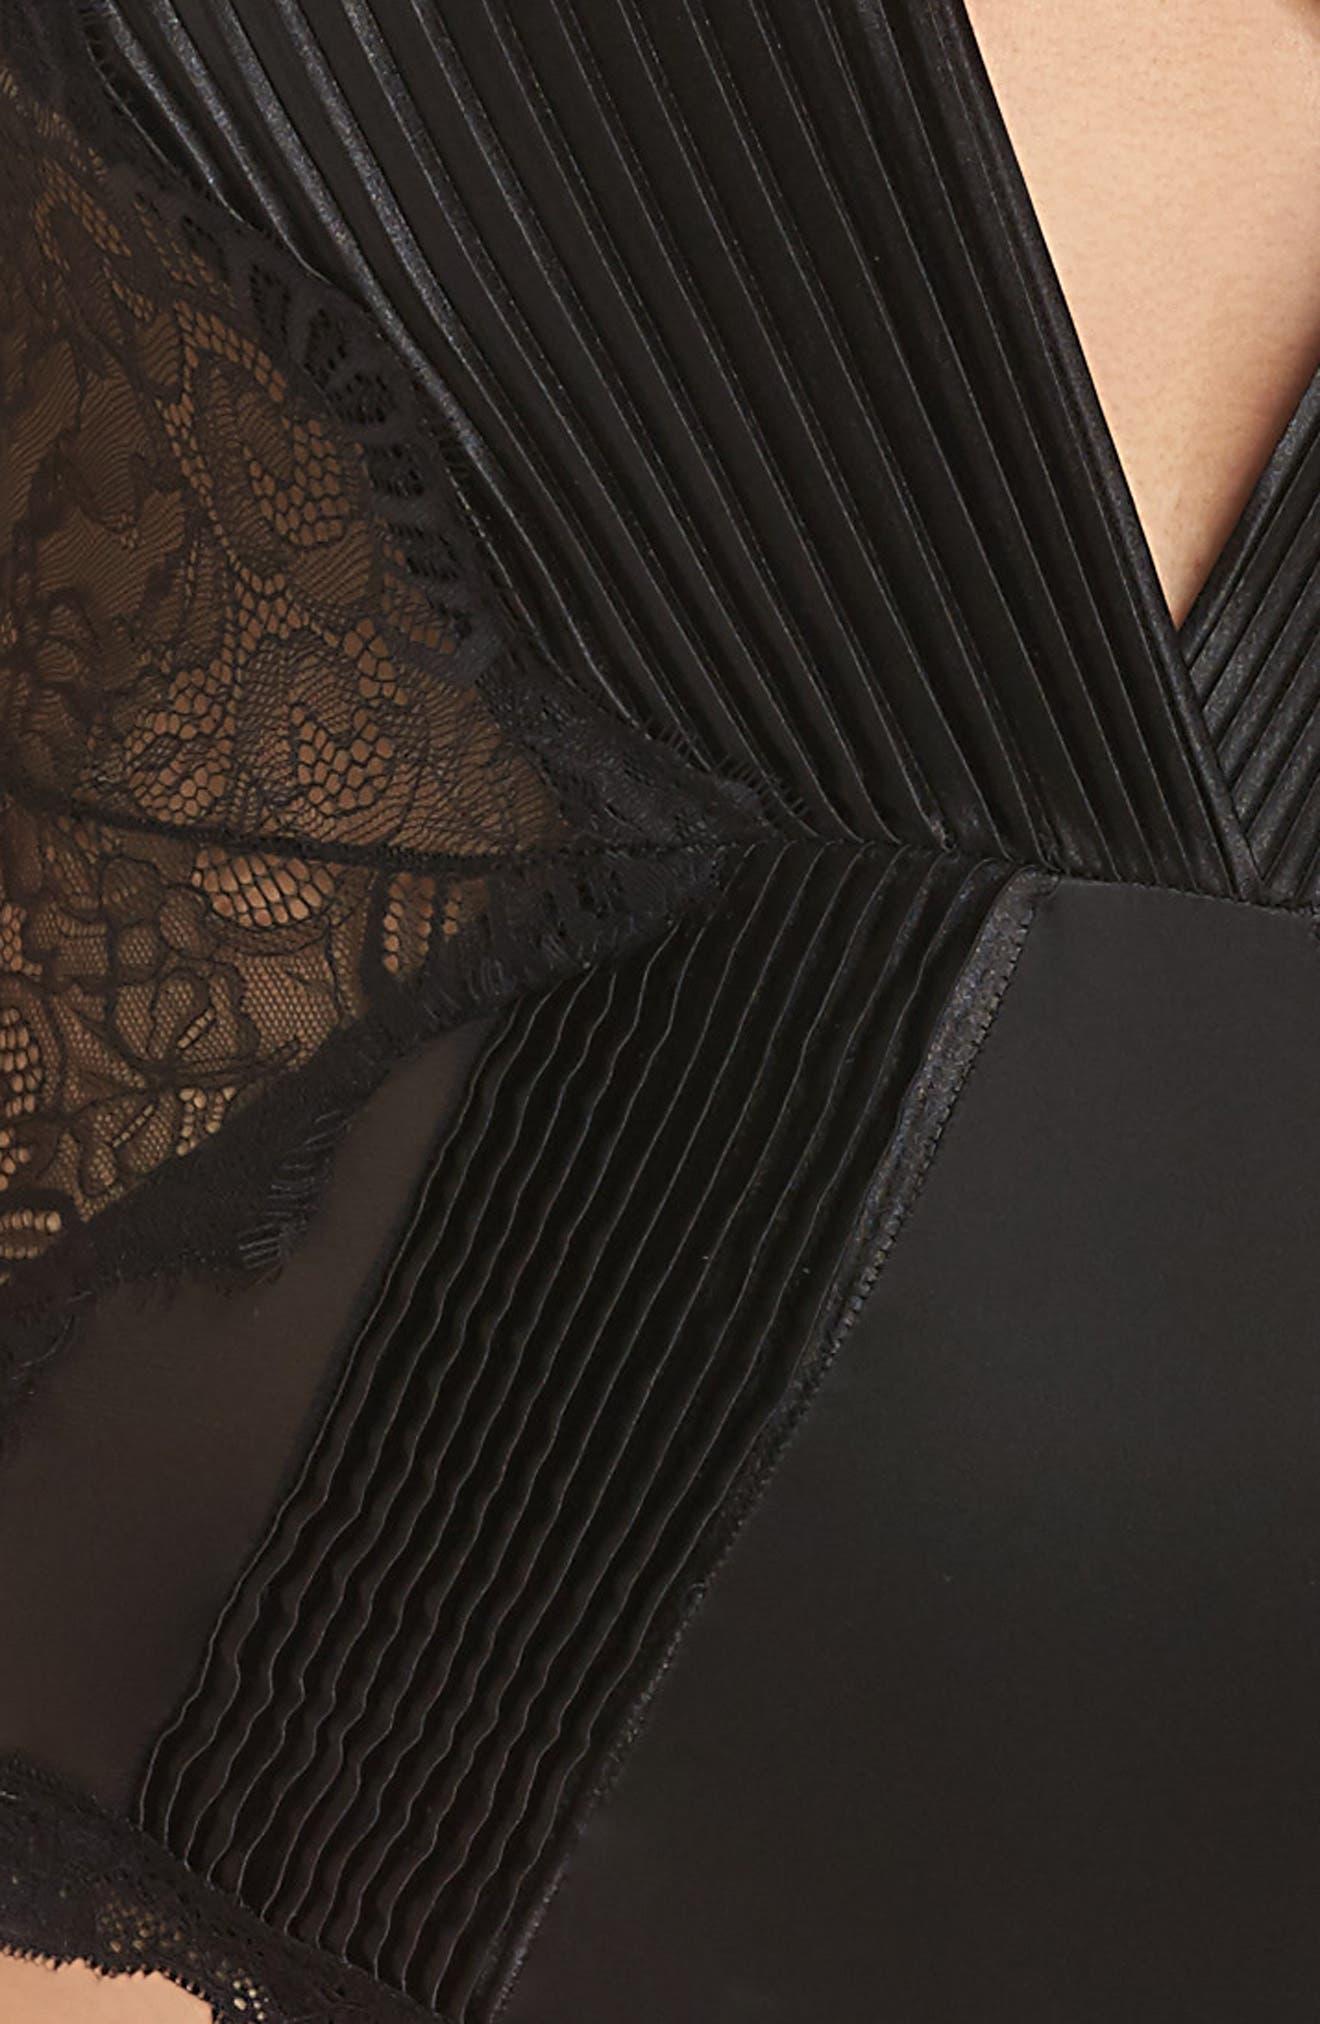 Nicolette Plunge Lace Bodysuit,                             Alternate thumbnail 4, color,                             BLACK